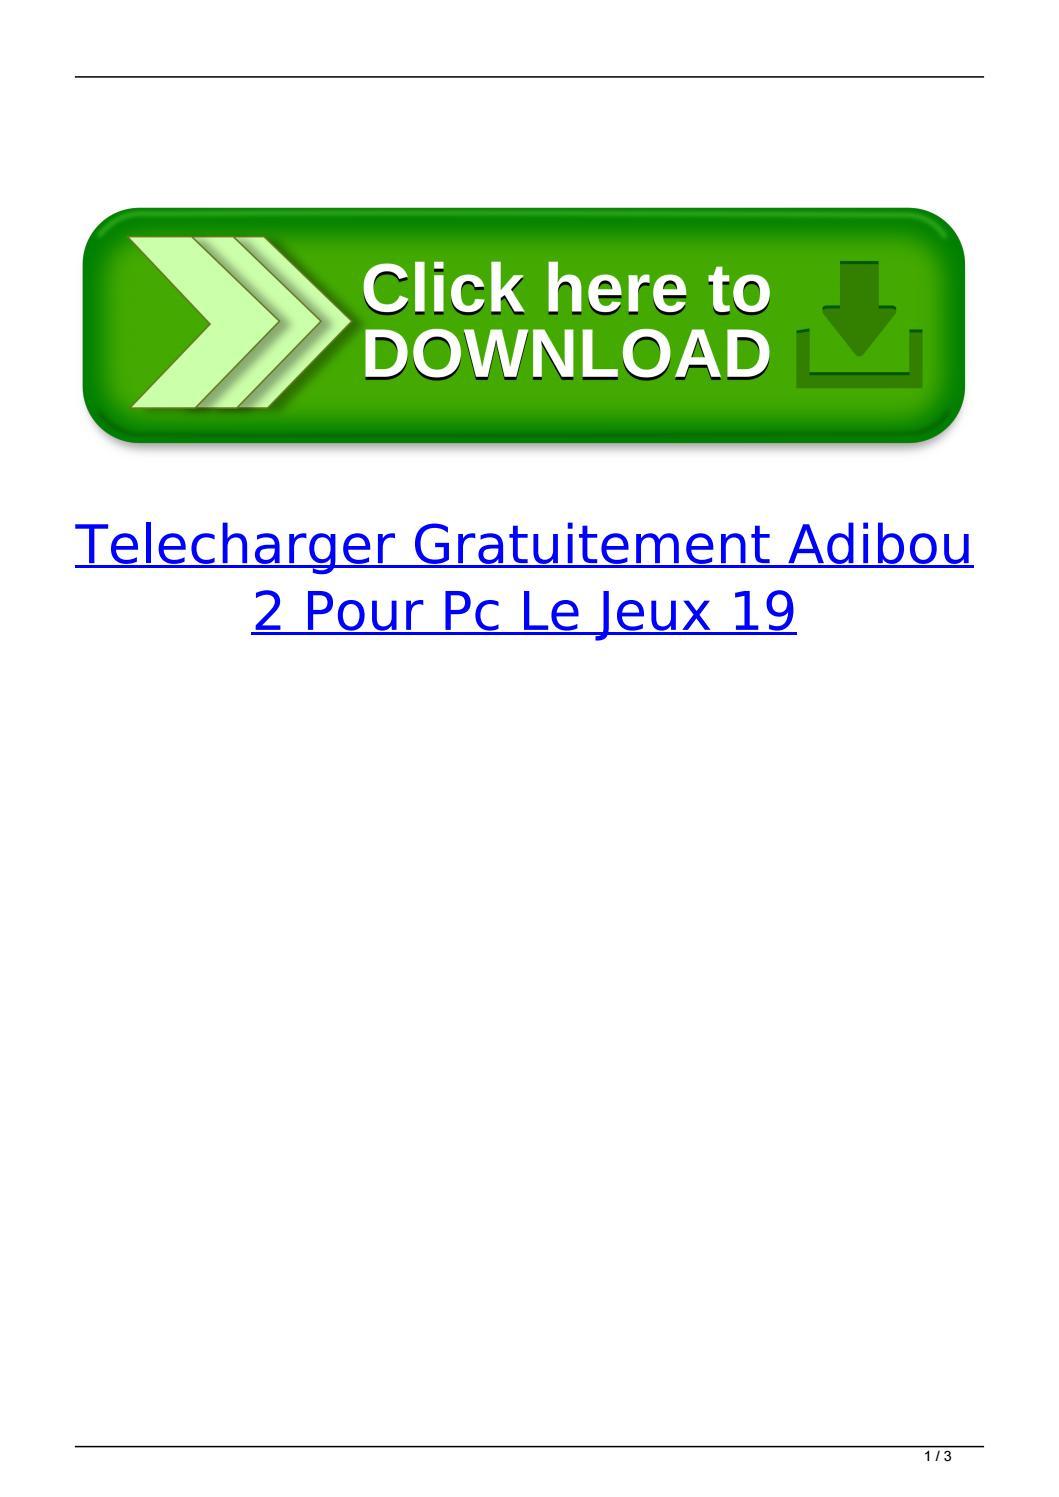 Telecharger Gratuitement Adibou 2 Pour Pc Le Jeux 19 By à Jeu Pc Adibou